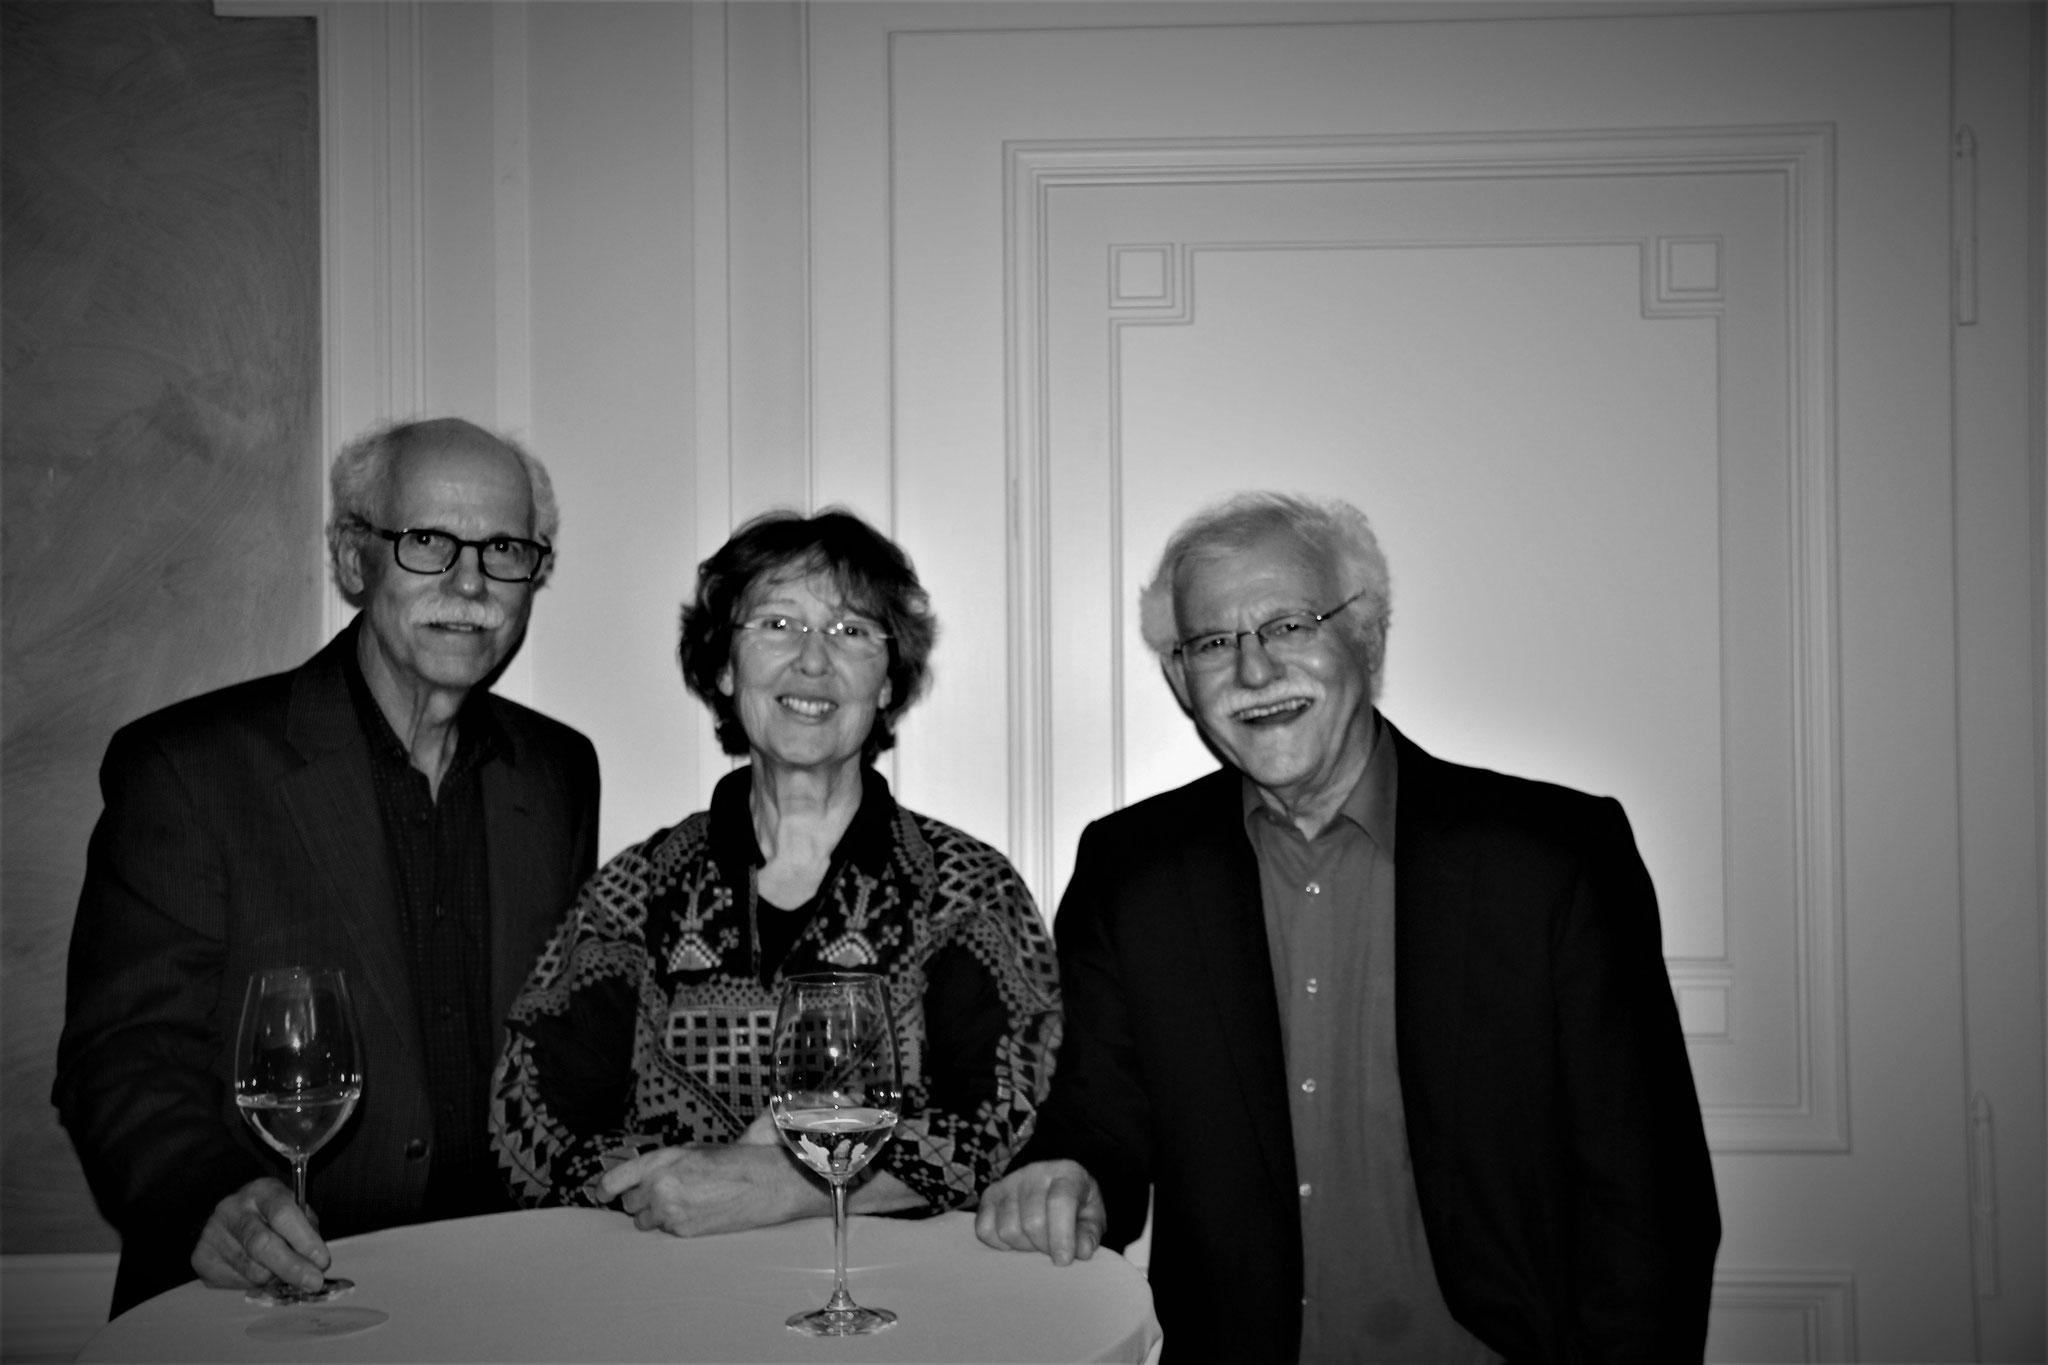 Walter und Heinz Däpp, Annemarie Mühlemann, Beatus